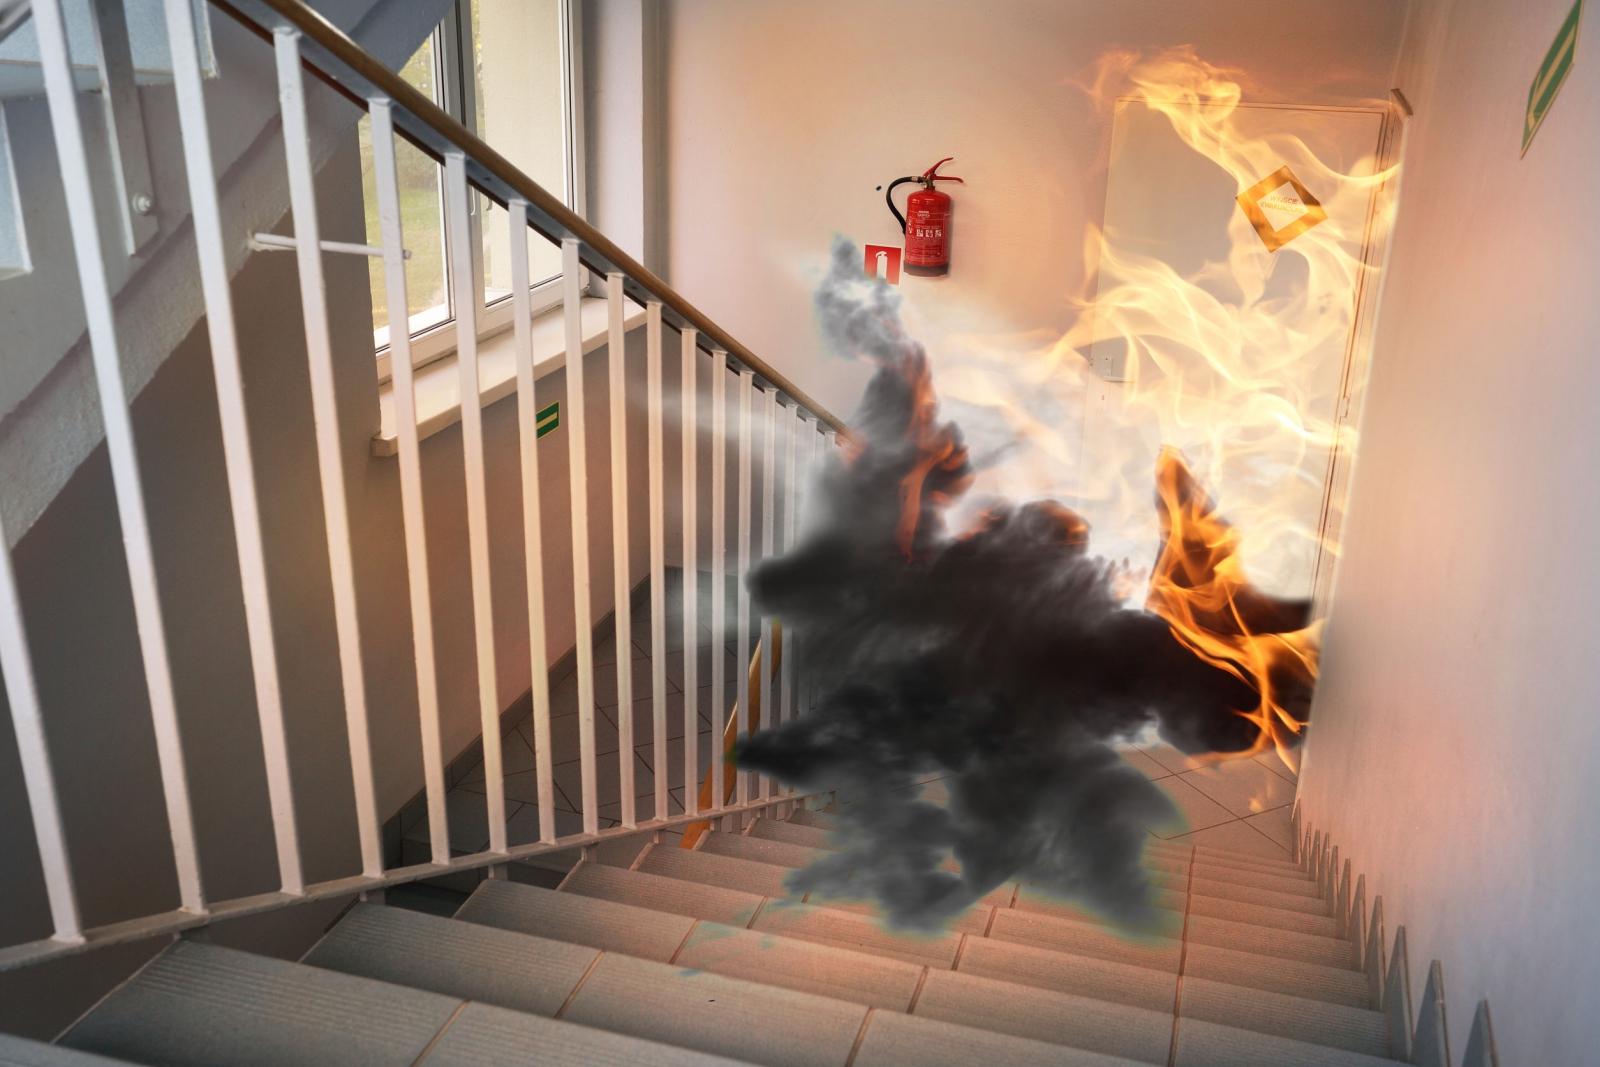 居家安全-出房門逃生時,往下還往上逃生才正確